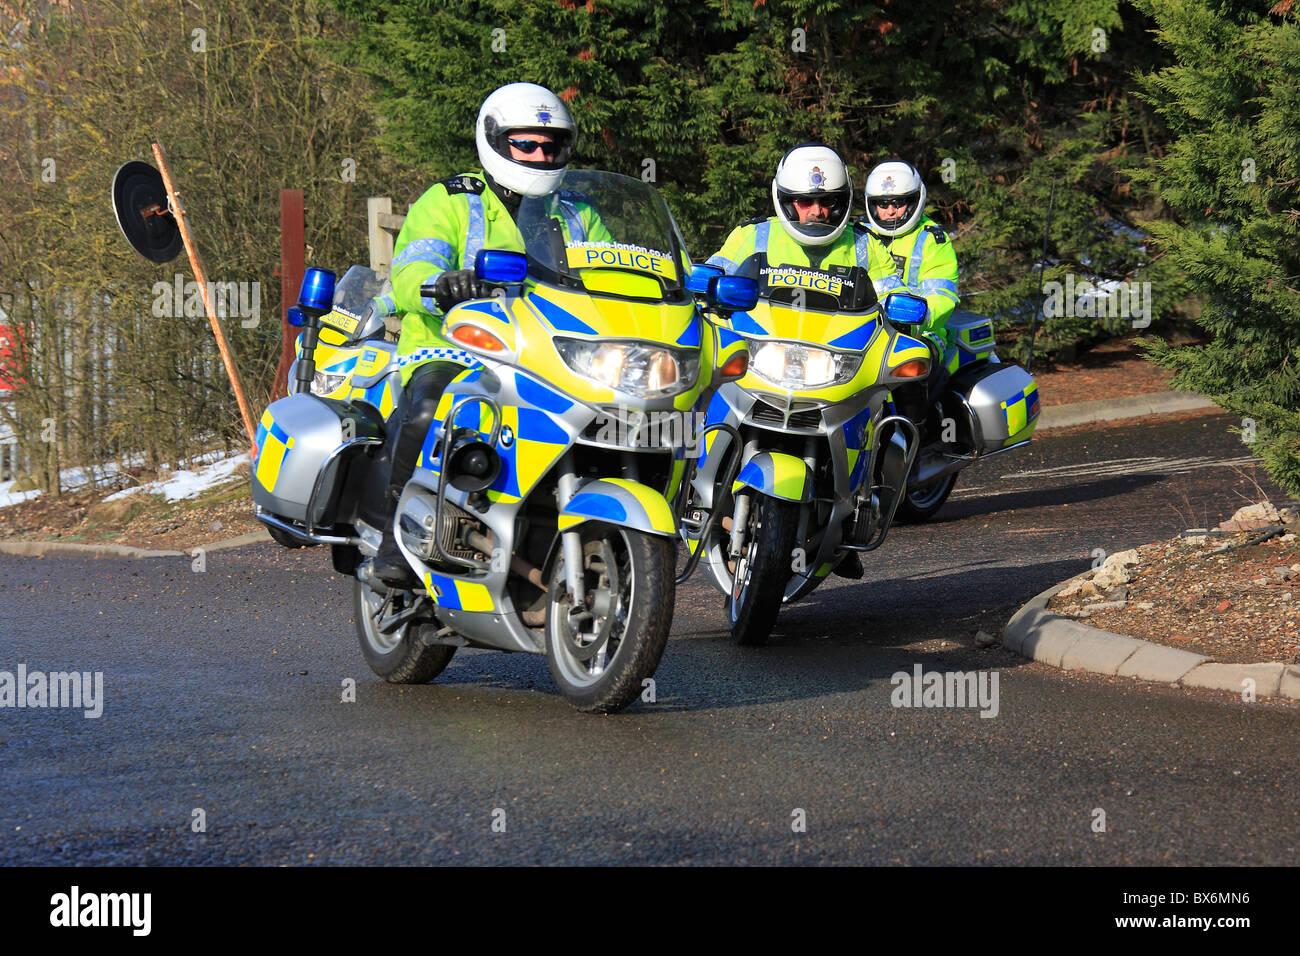 Les motos de police Photo Stock